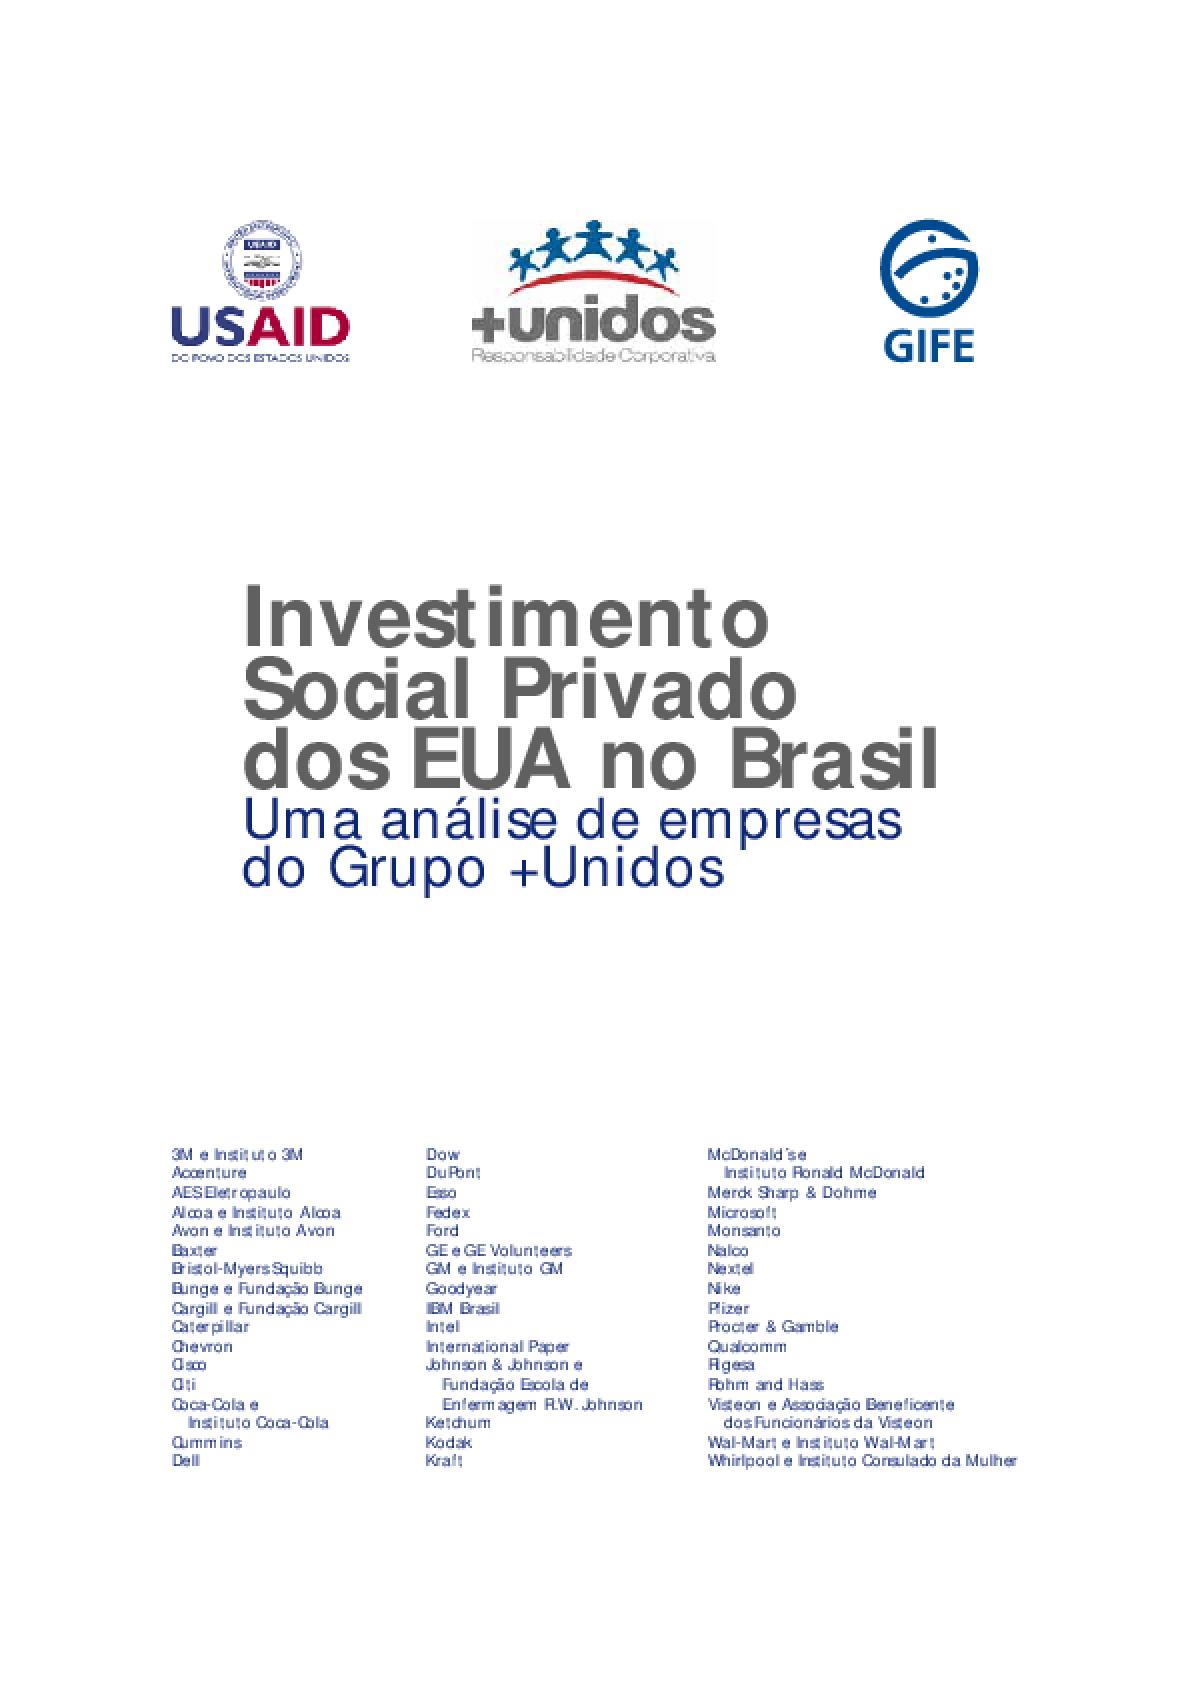 O investimento social privado dos EUA no Brasil: uma análise de empresas do grupo +unidos